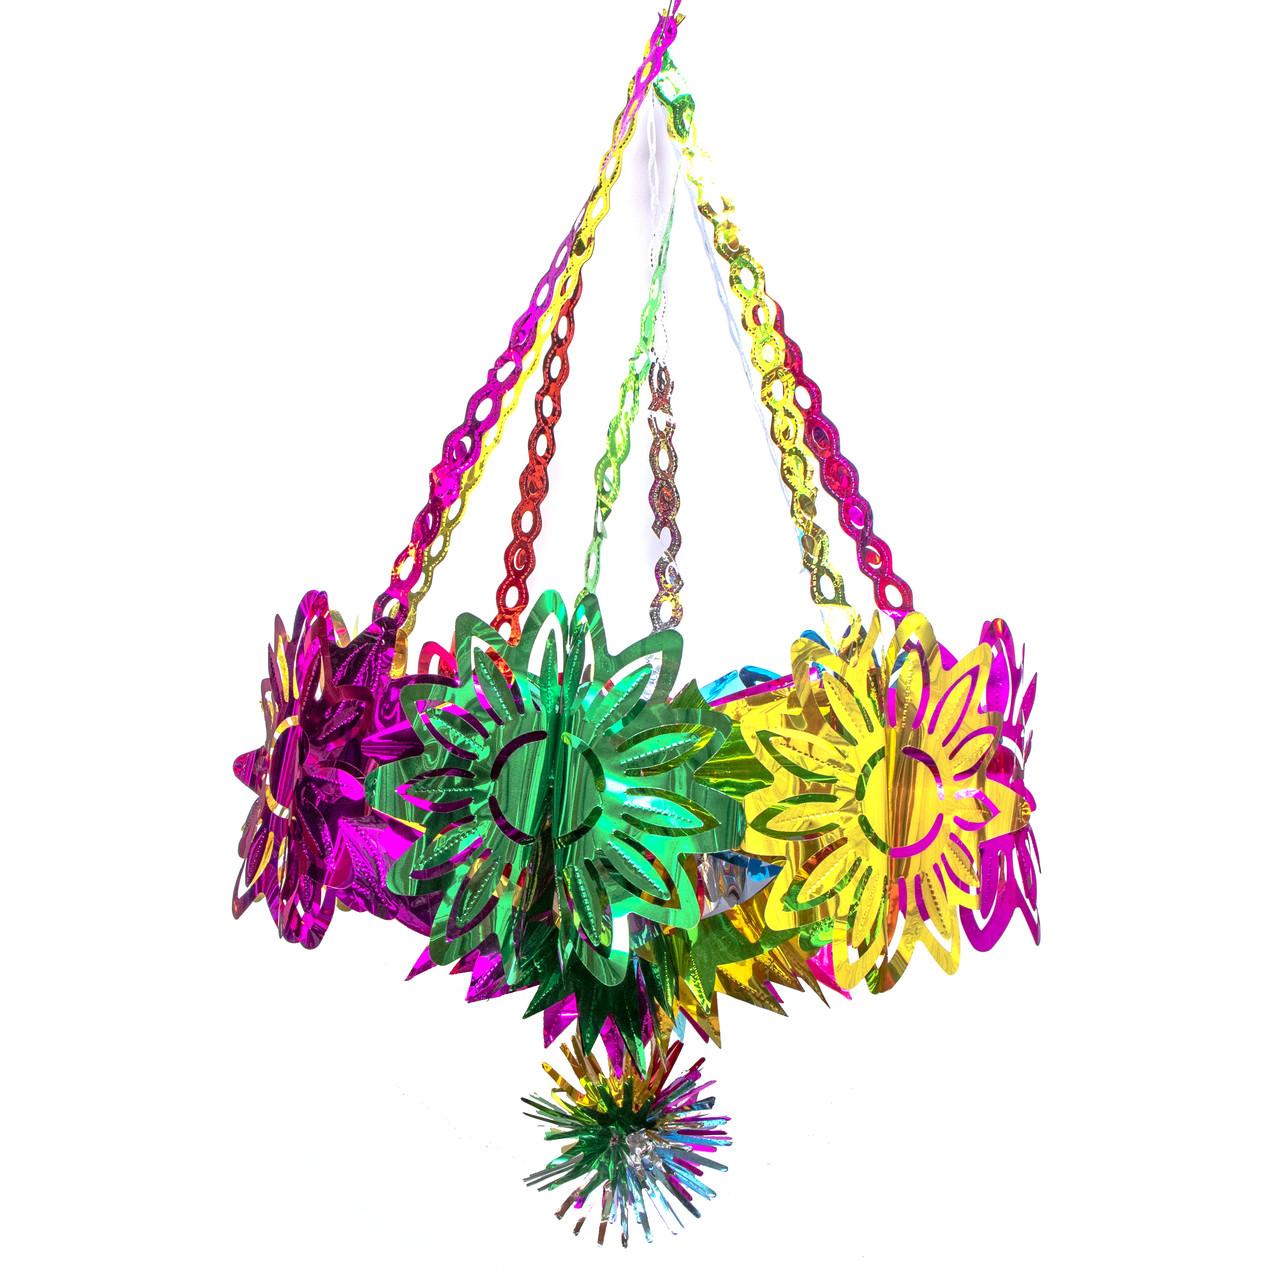 Новогоднее украшение - люстра звезда, D45 см, H80 см, разноцветный, ПВХ (610334)